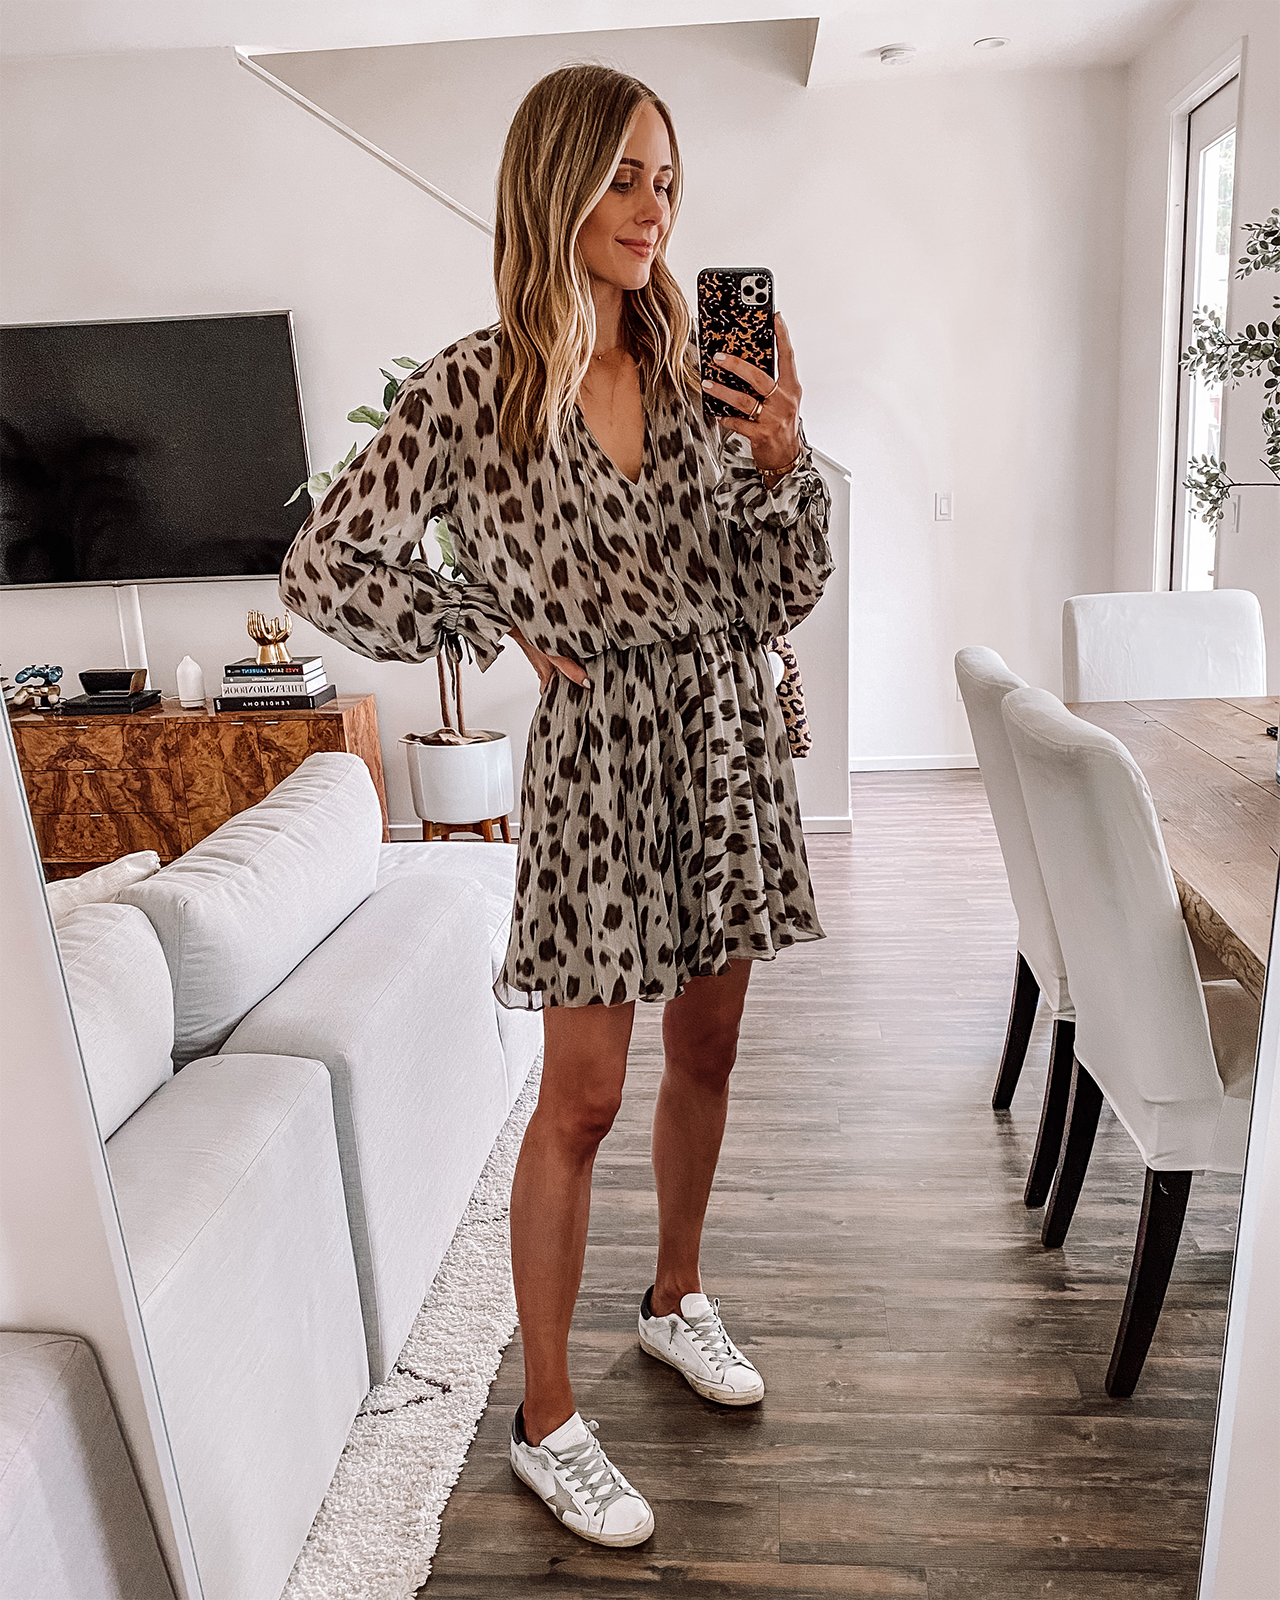 Fashion Jackson Wearing Anine Bing Leopard Mini Dress Golden Goose Sneakers